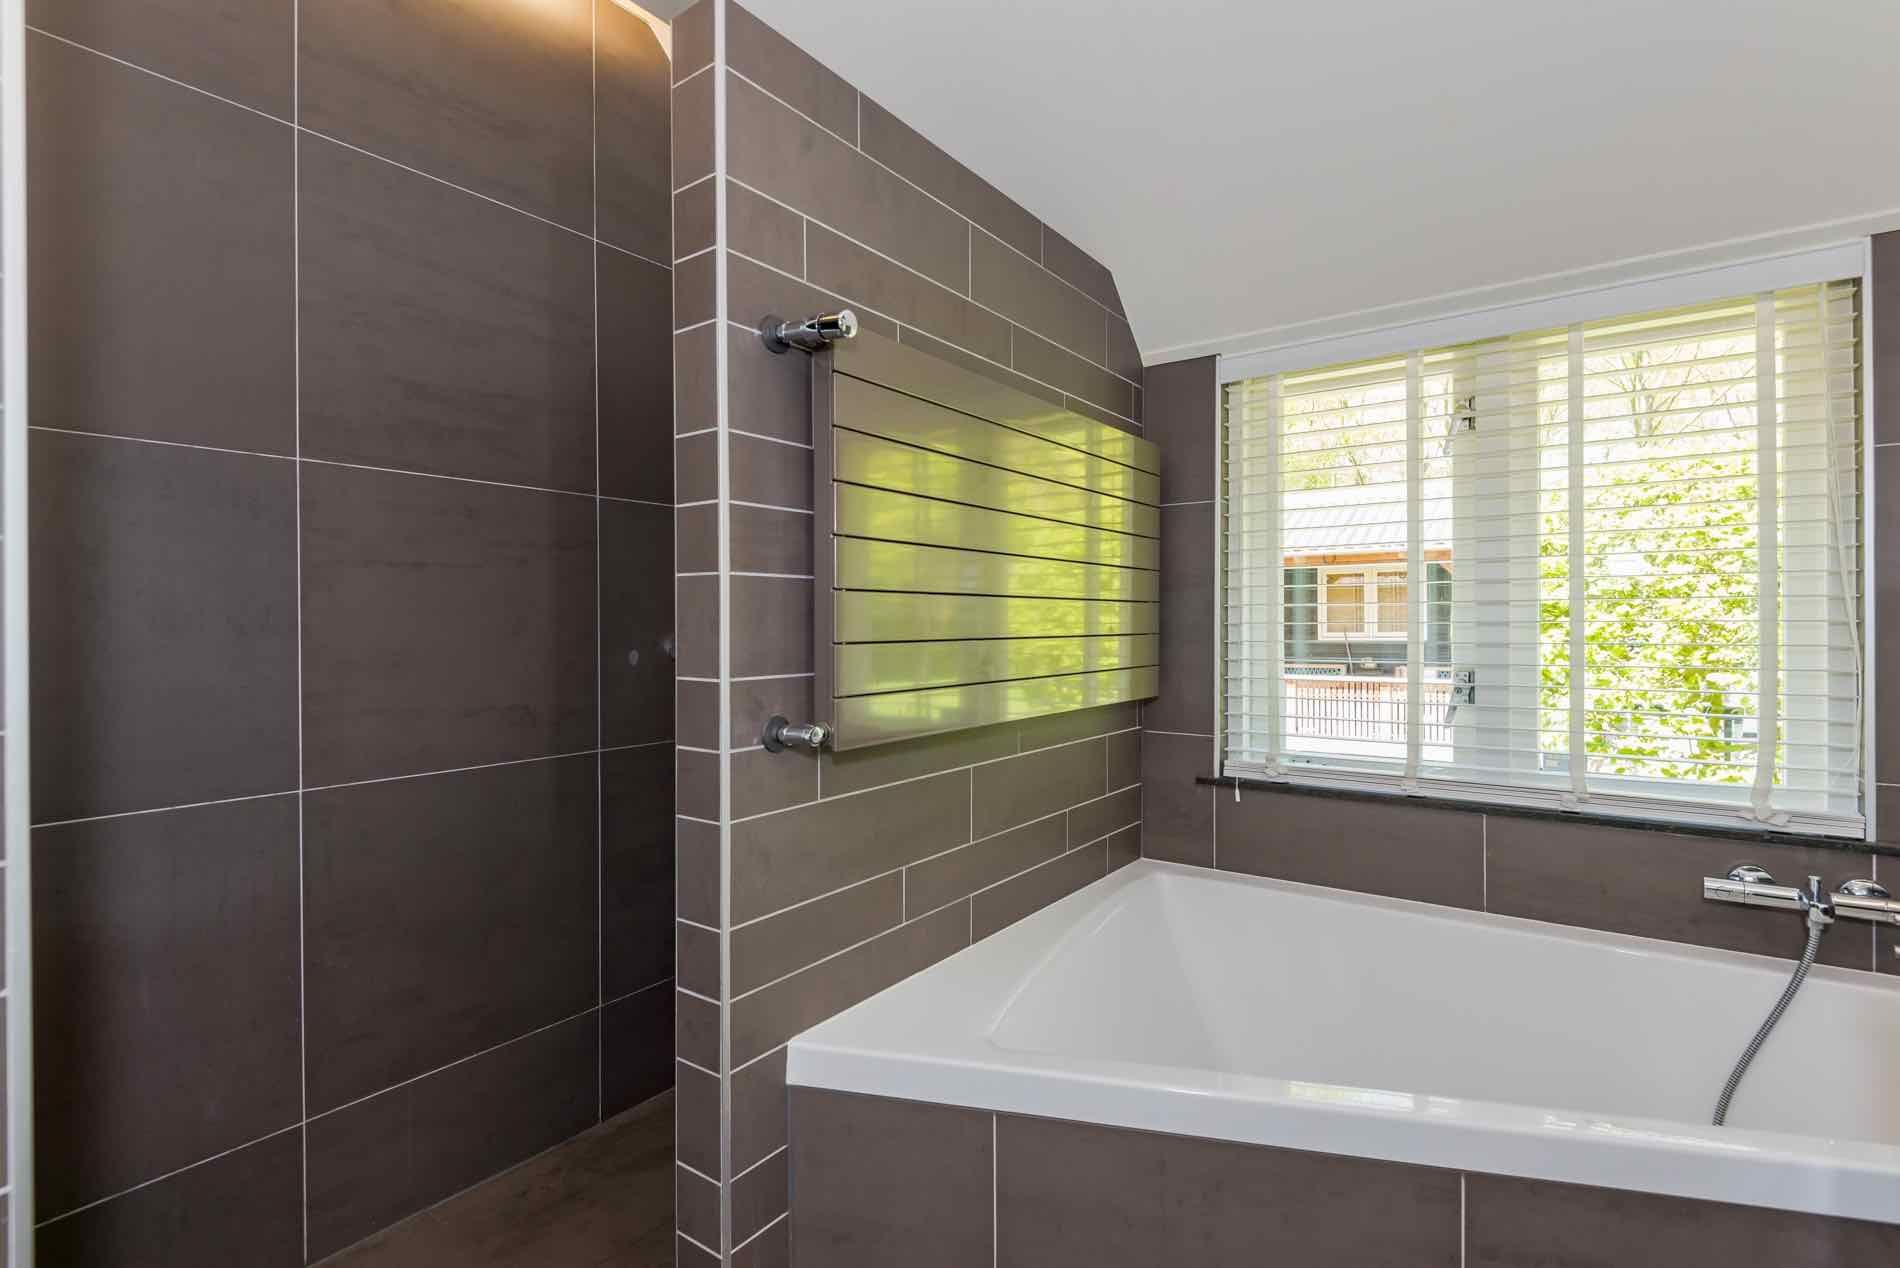 te koop woonboerderij onze nieuwe badkamer inloopdouche bad